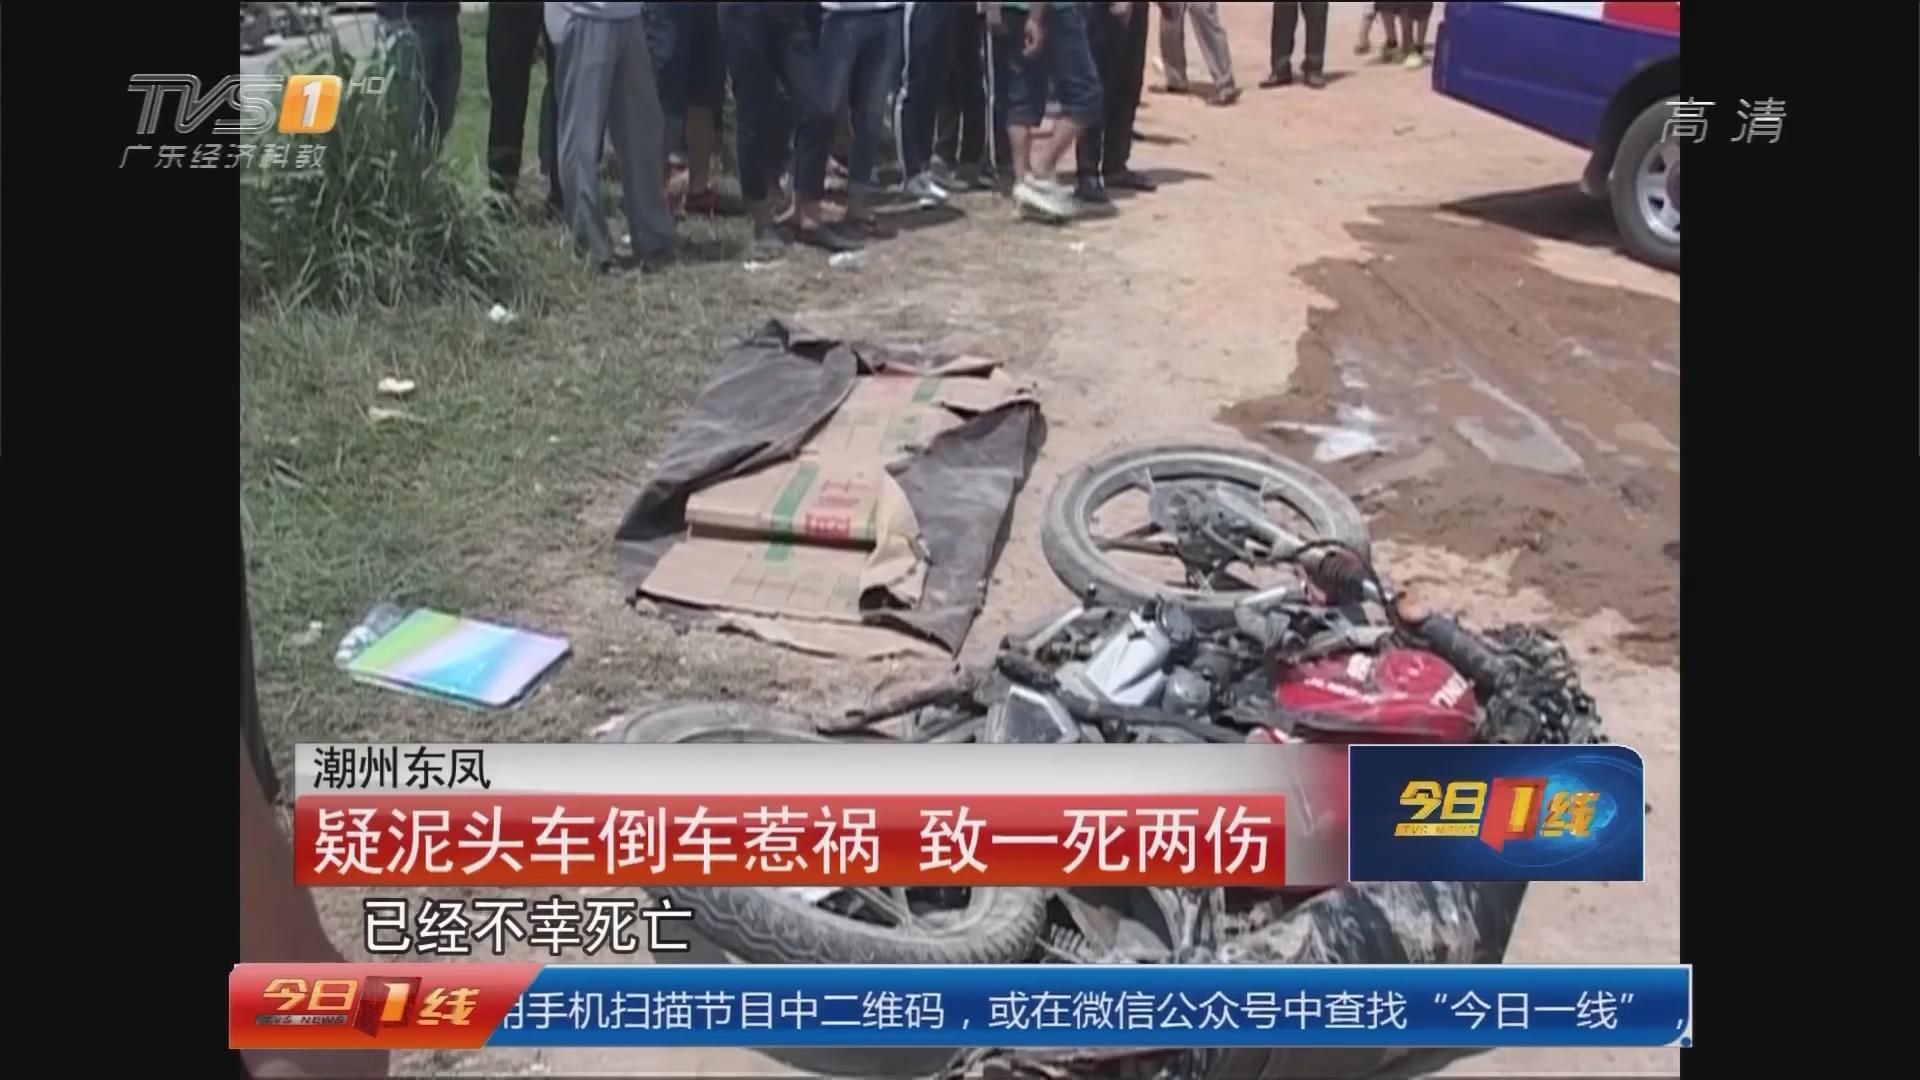 潮州东凤:爷孙被卷入车底 消防紧急救人